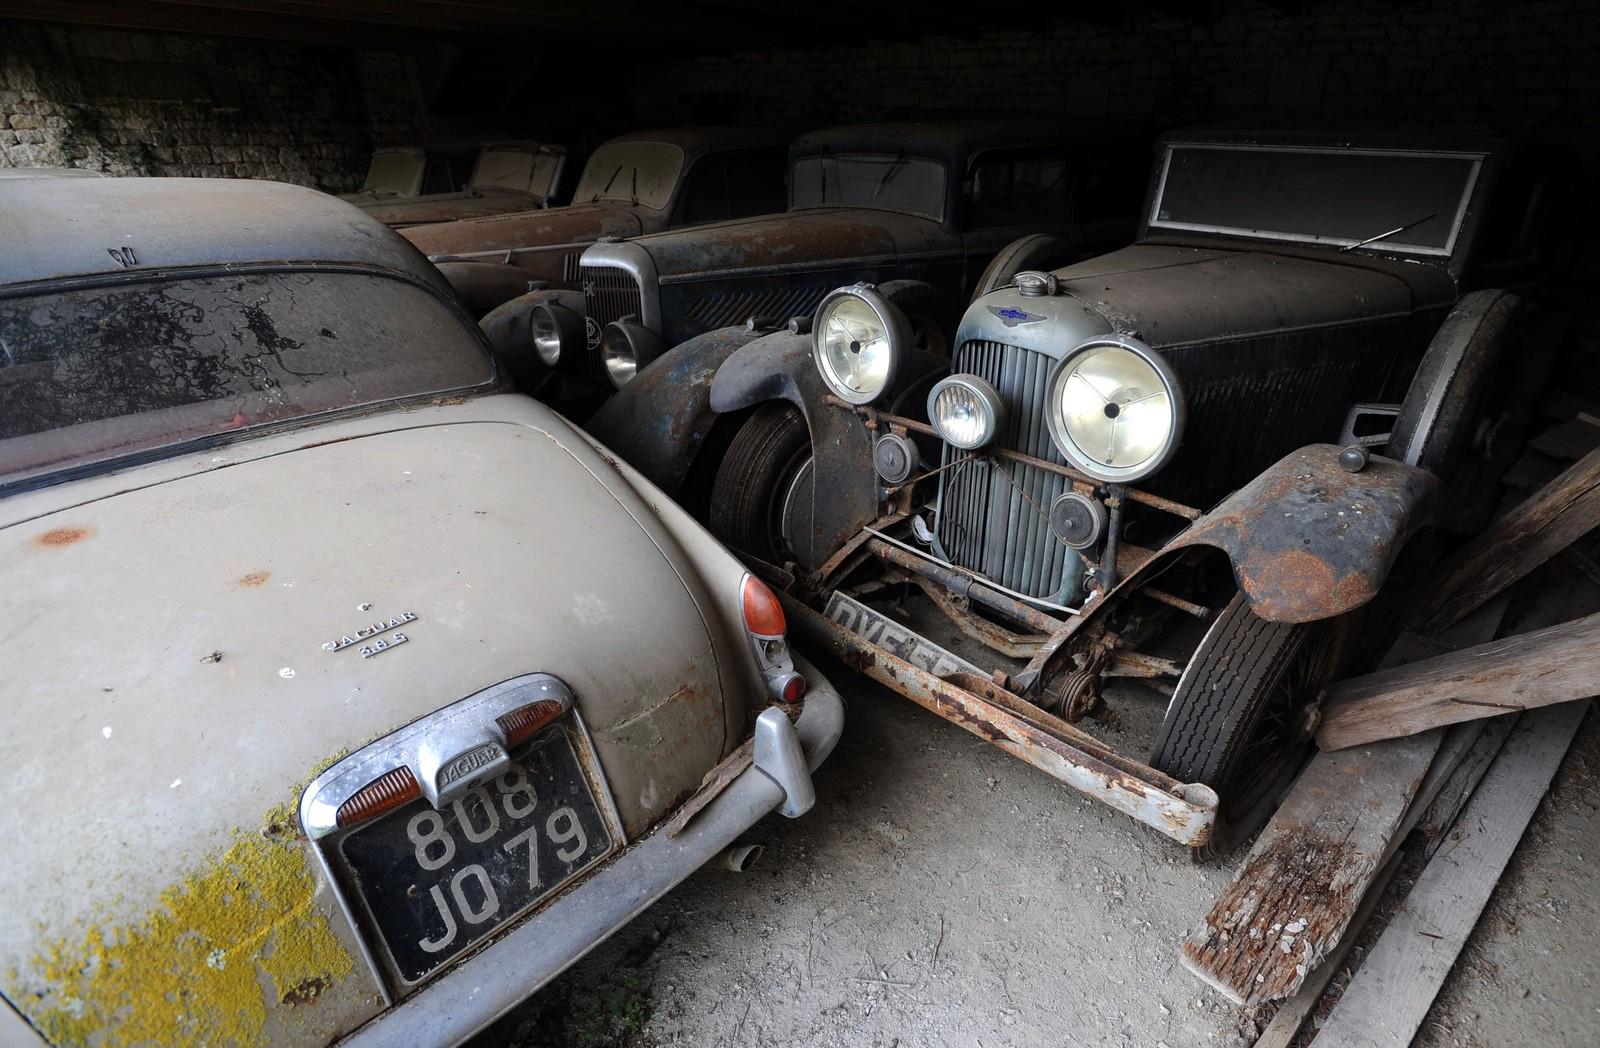 Mange av bilene har fortsatt original lakken.